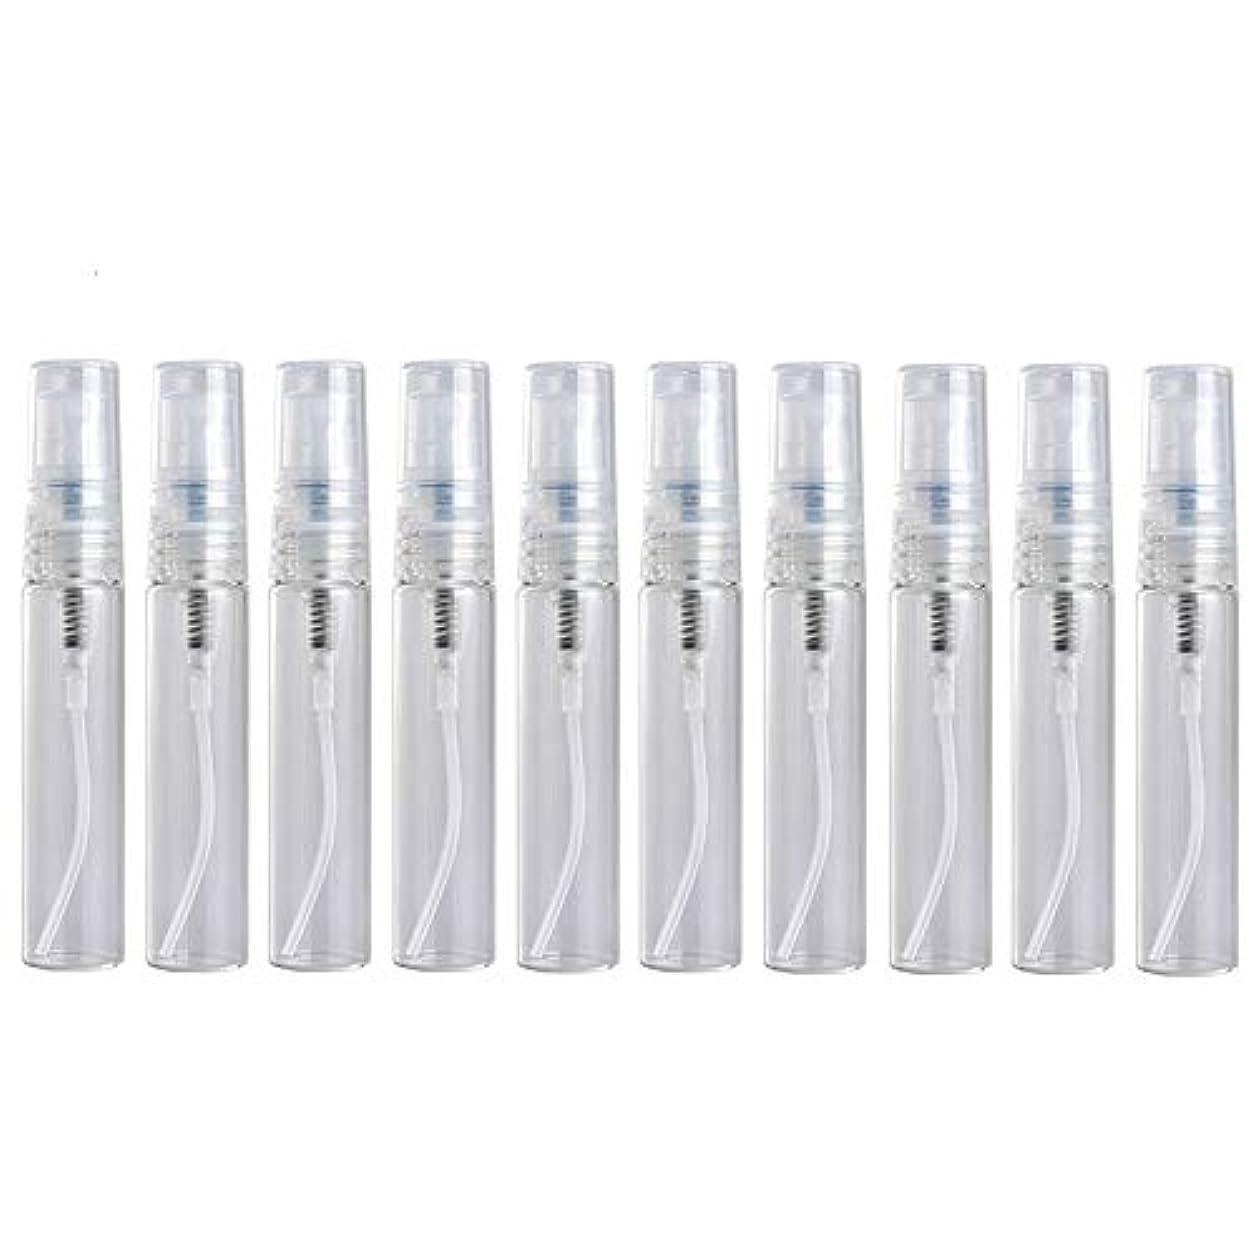 バナー衣類維持10個入り2ml/3ml/5ml 空プラスチック透明ミニスプレー香水詰め替えボトル小サンプル香水アトマイザー (5ml)